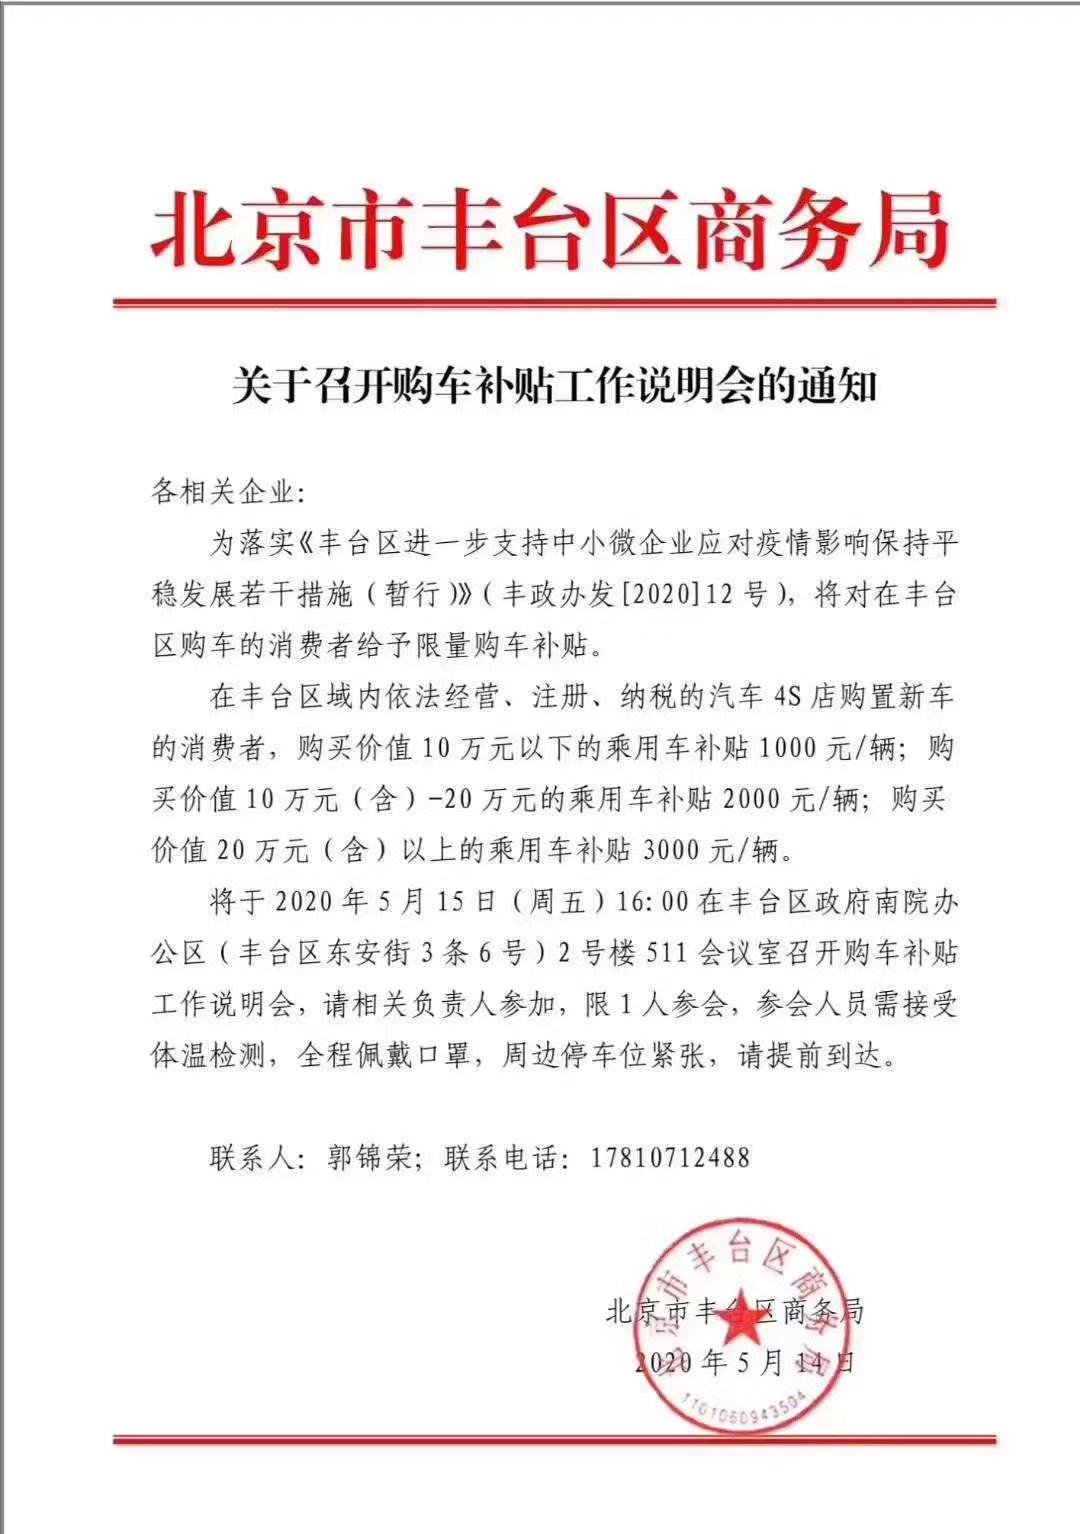 购车补贴最高3000元/辆,北京市丰台区商务局将发布购车补贴